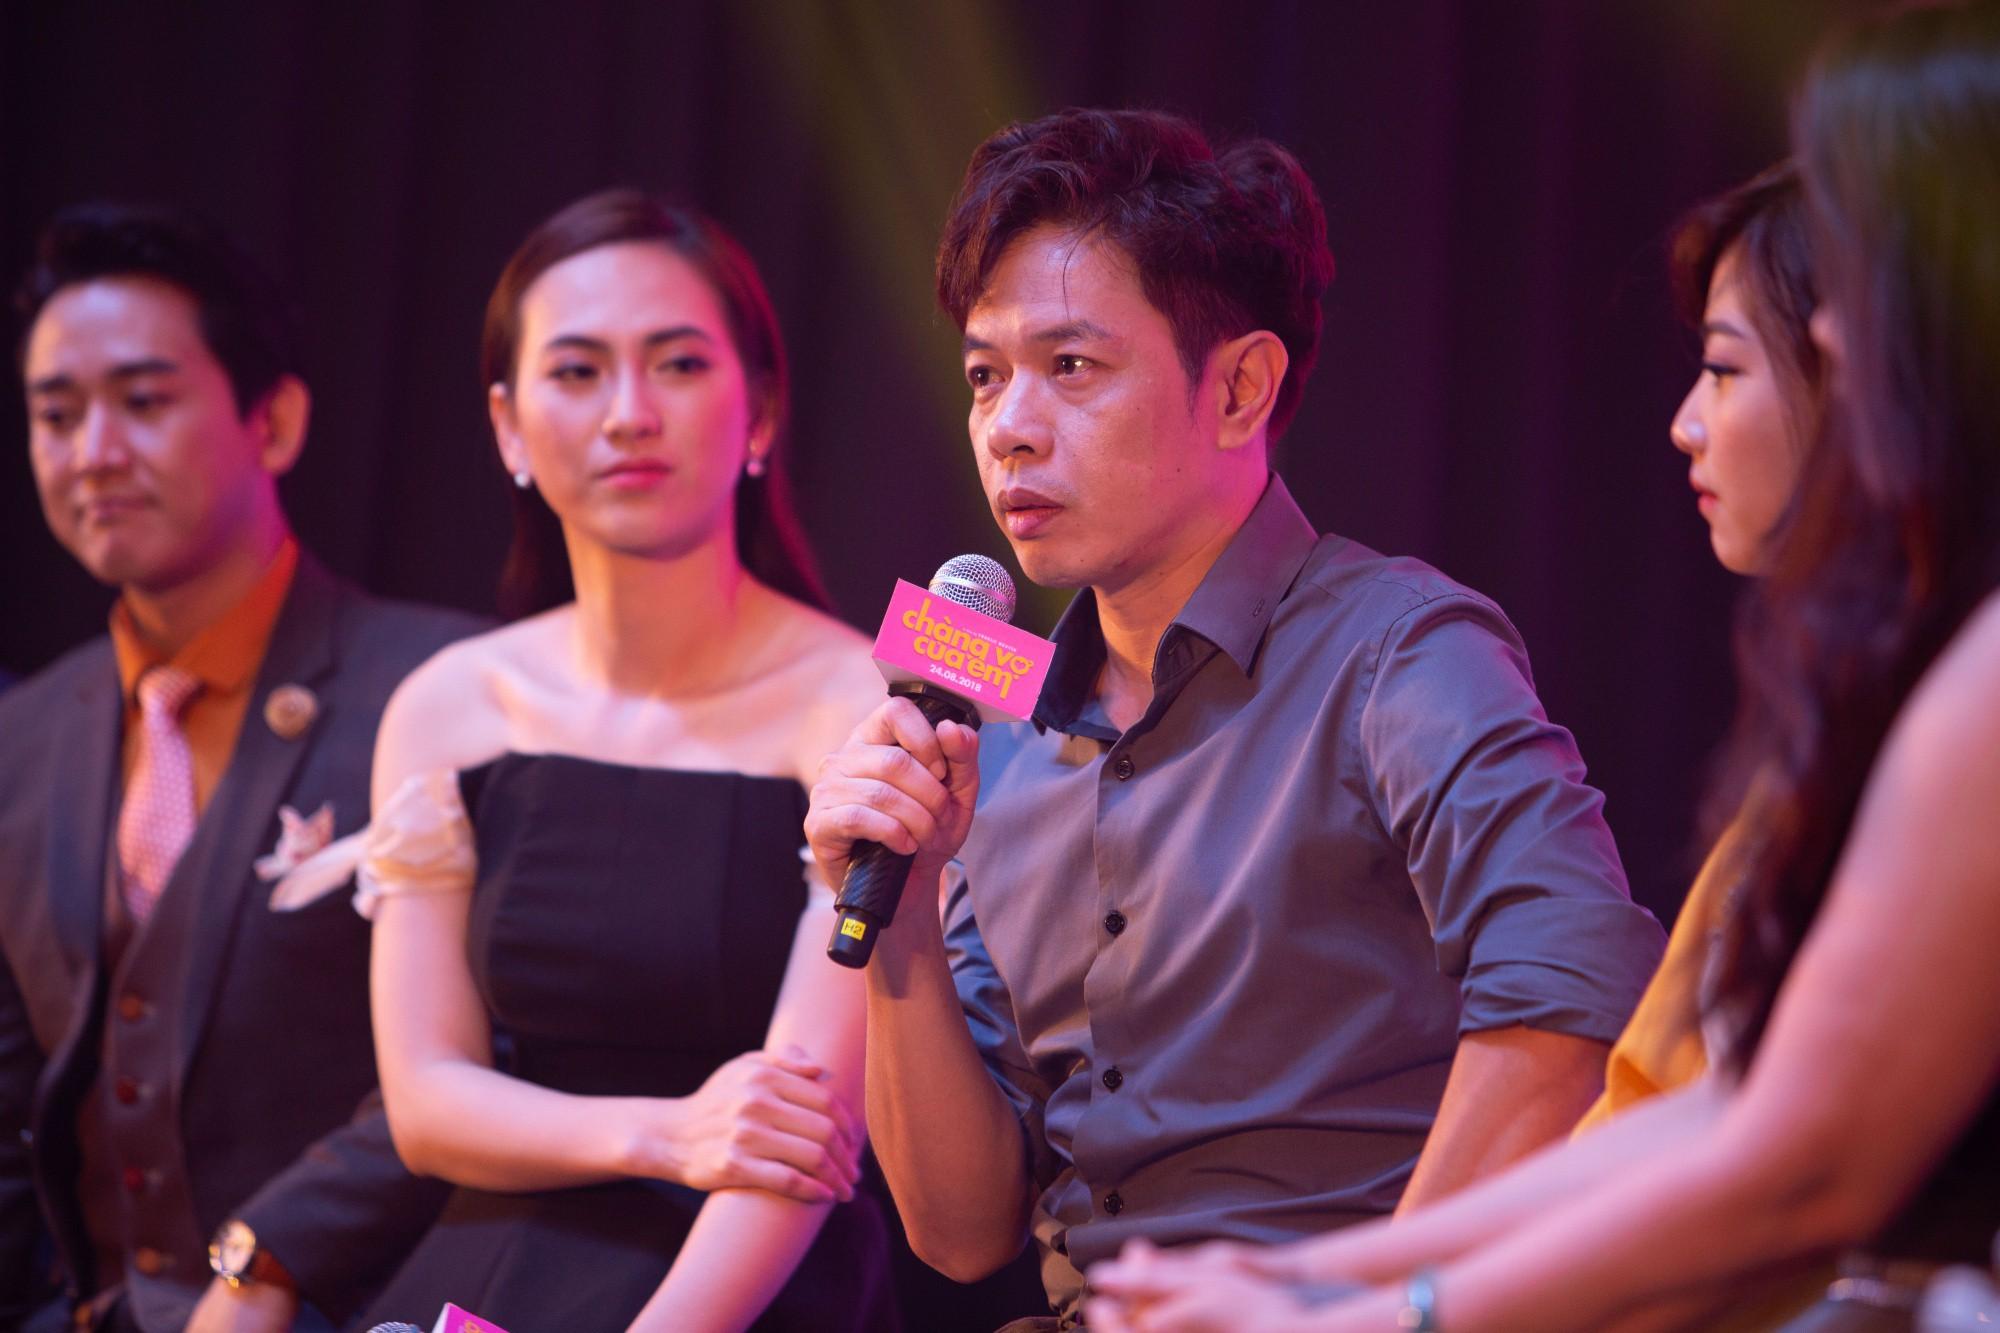 Thái Hòa gây cười không ngớt khi kể chuyện đã khỏa thân hơn 1 ngày trước đám đông  - Ảnh 2.